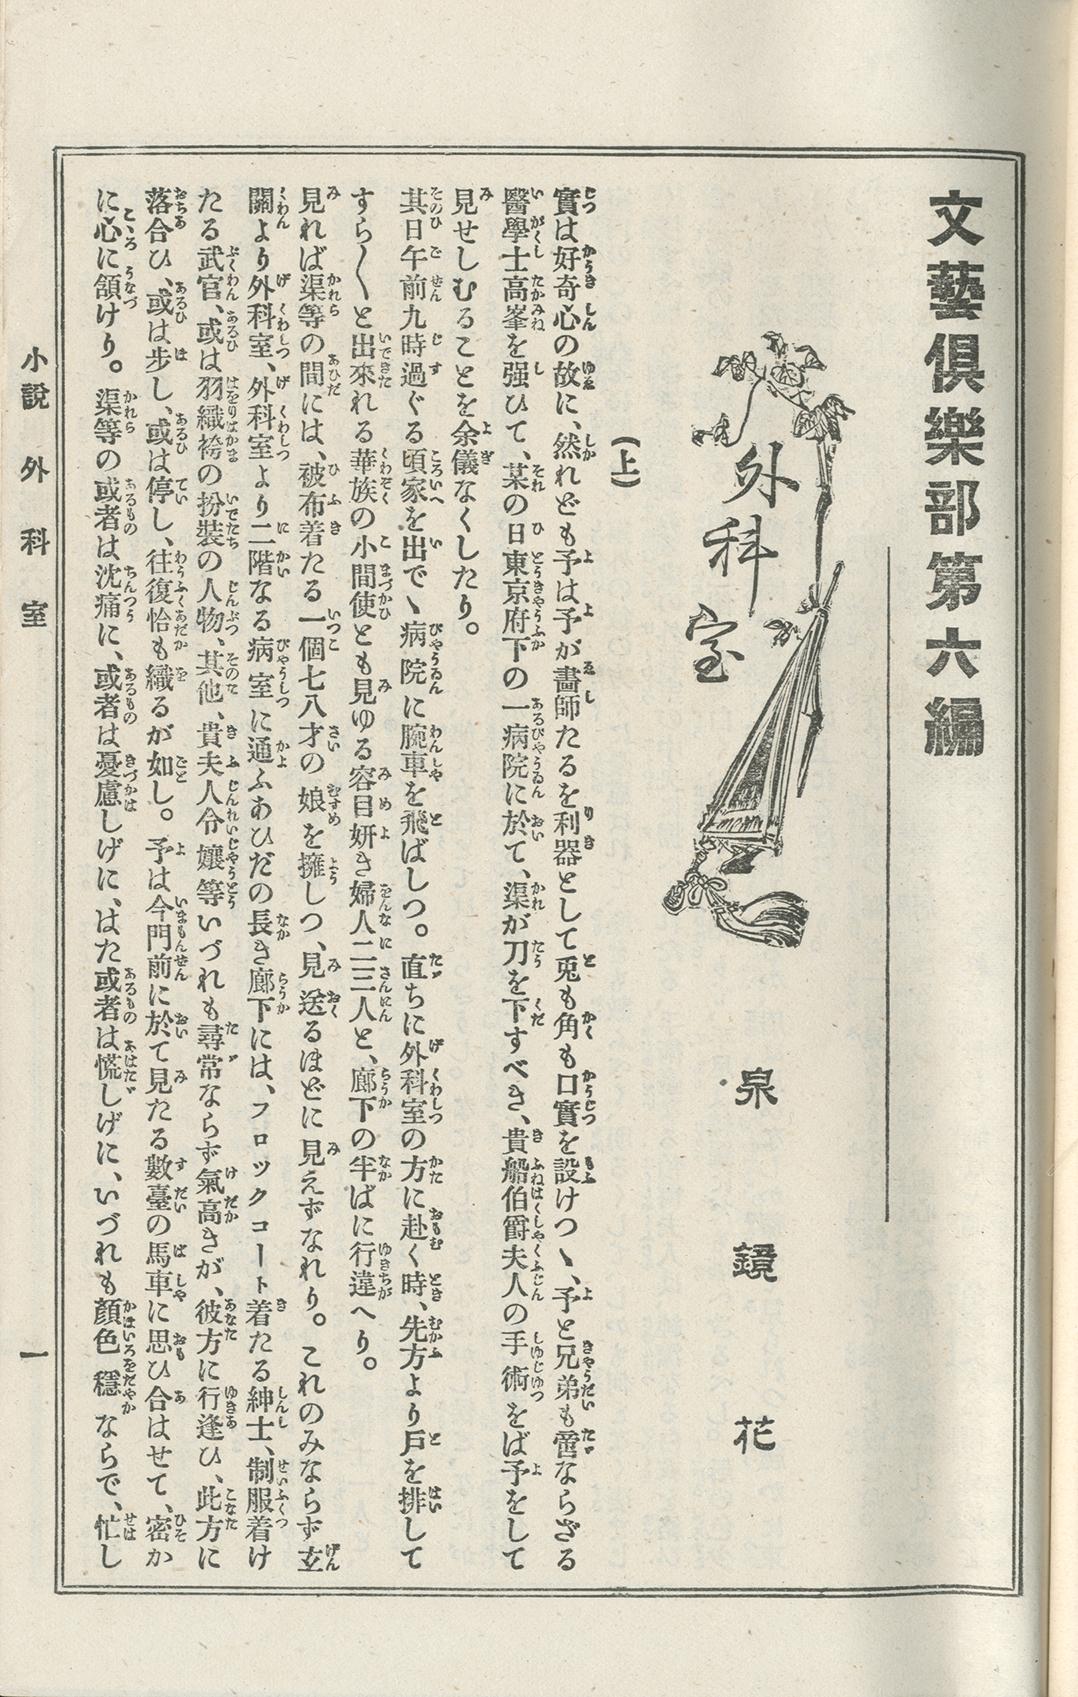 明治28年 文藝倶楽部 第六編 泉鏡花「外科室」1頁目